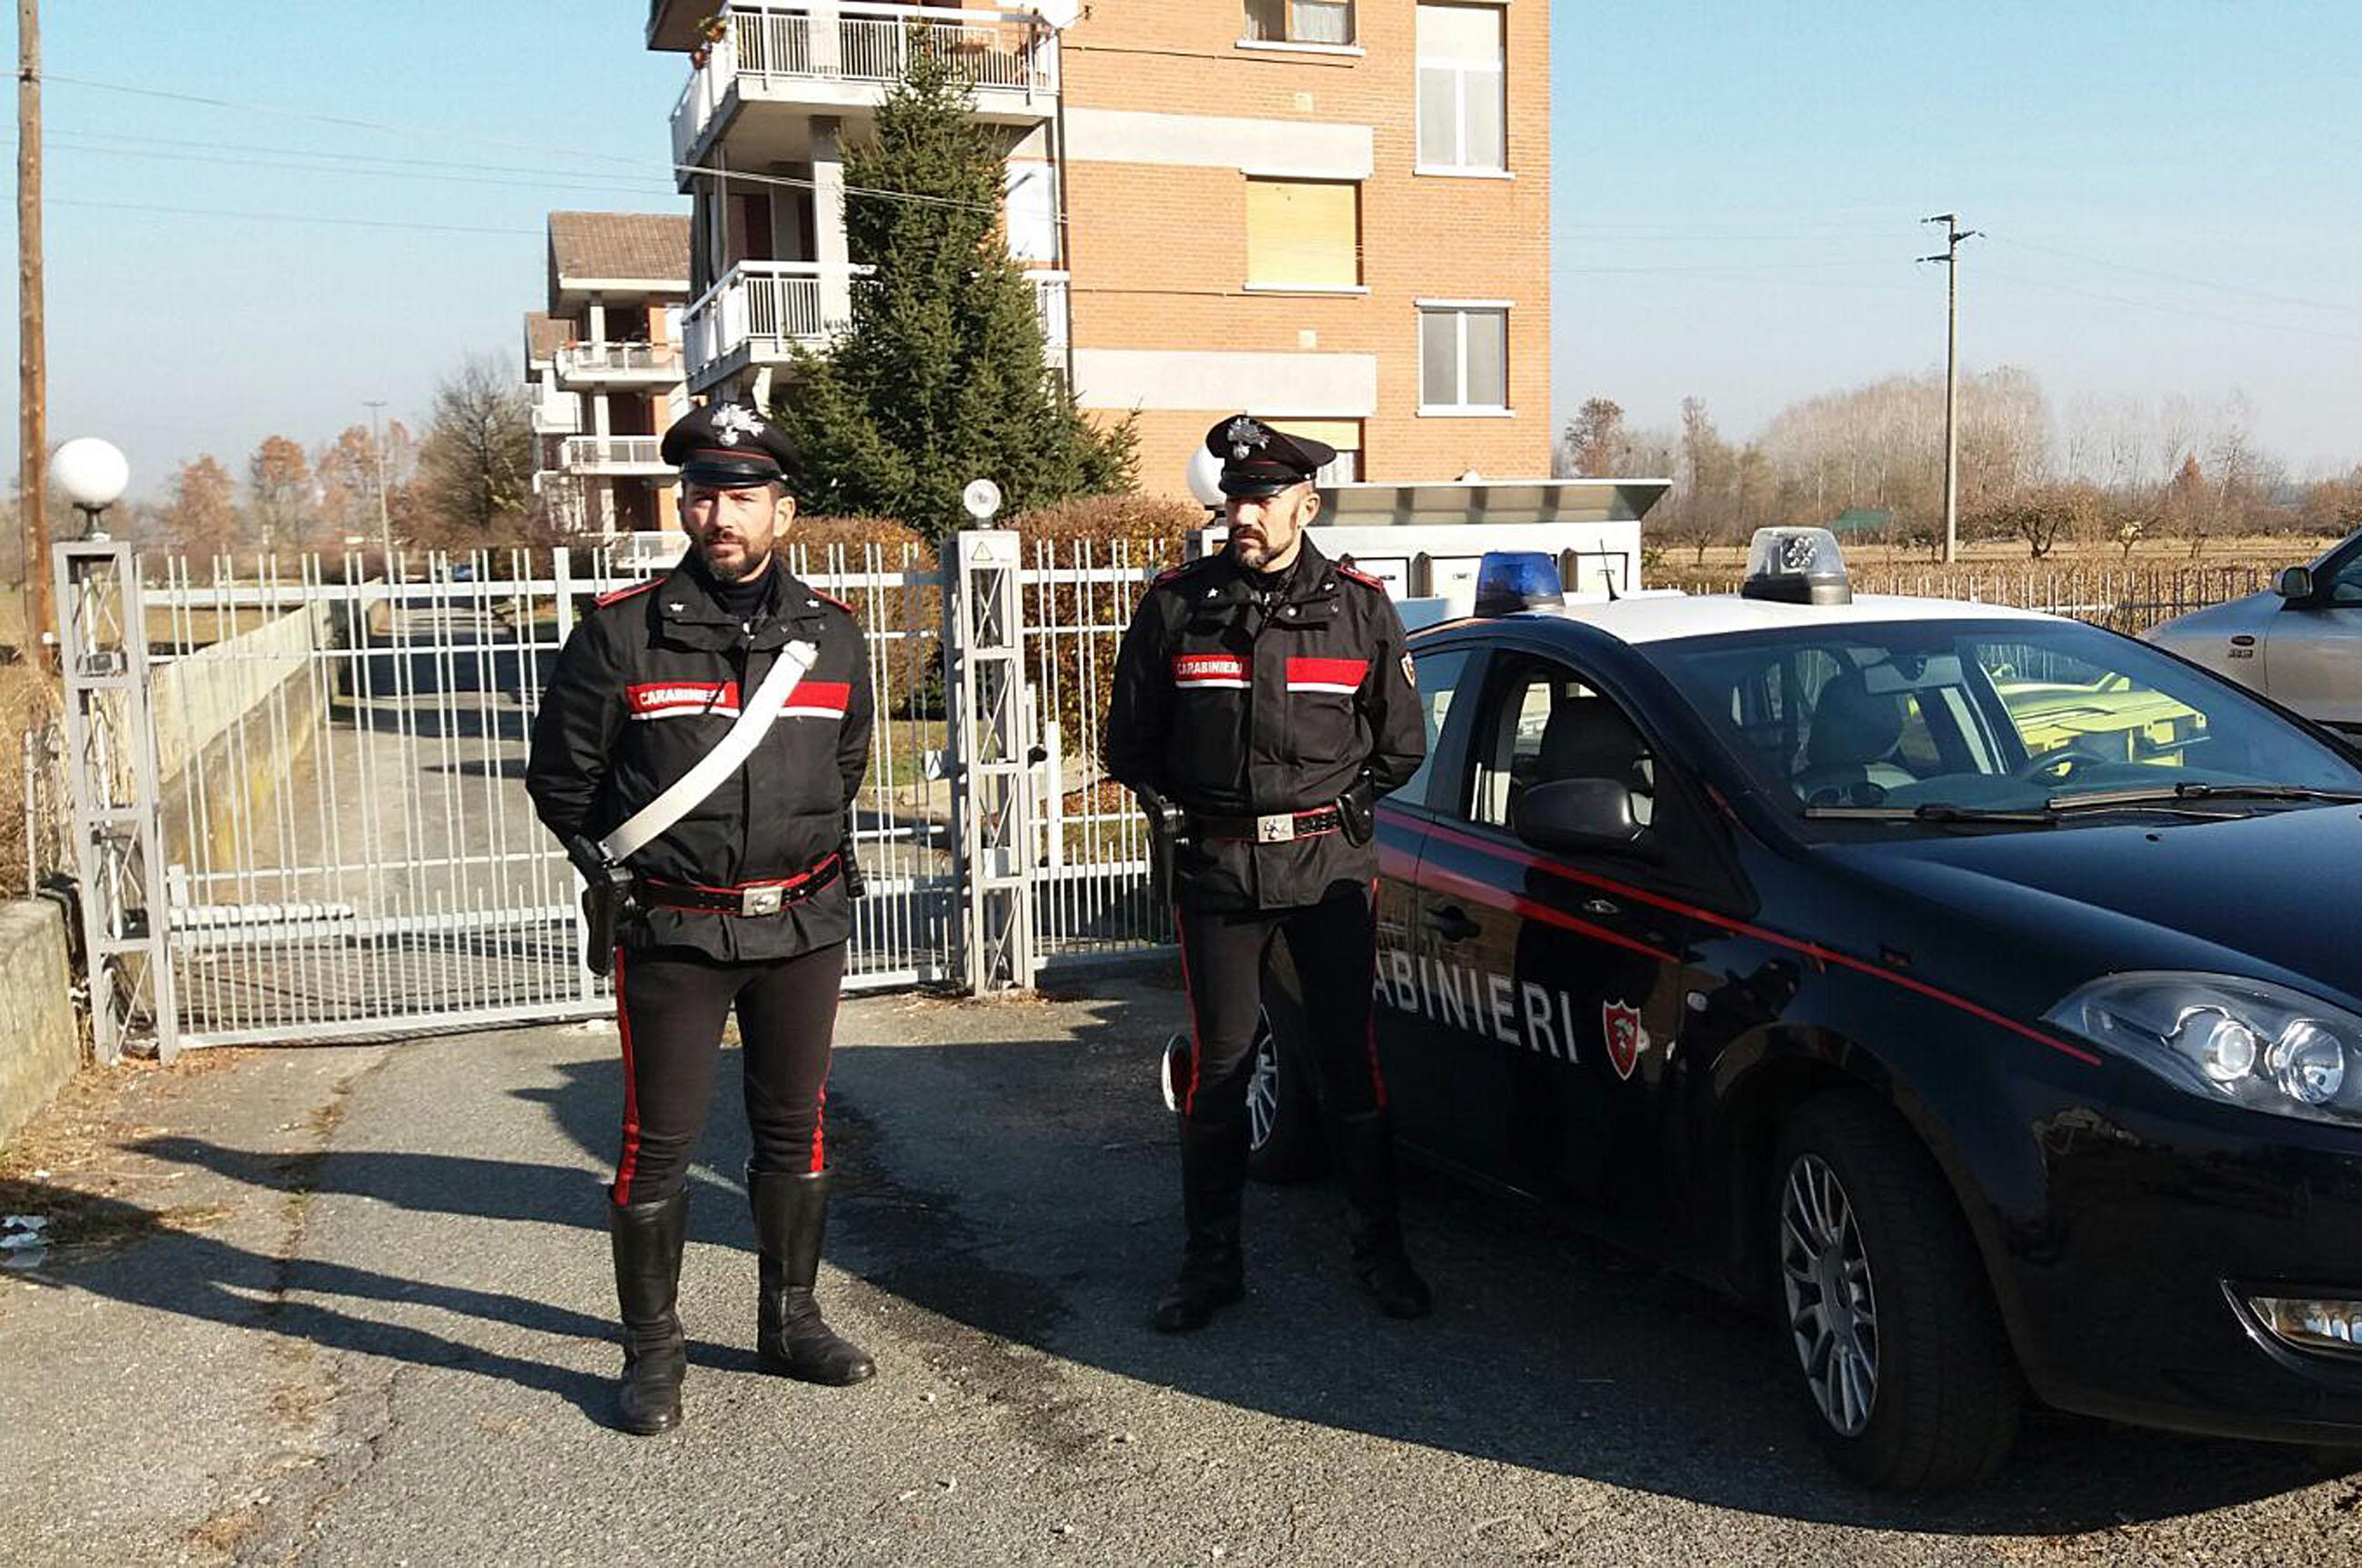 Carabinieri entrano in casa dalla finestra per salvare un'anziana